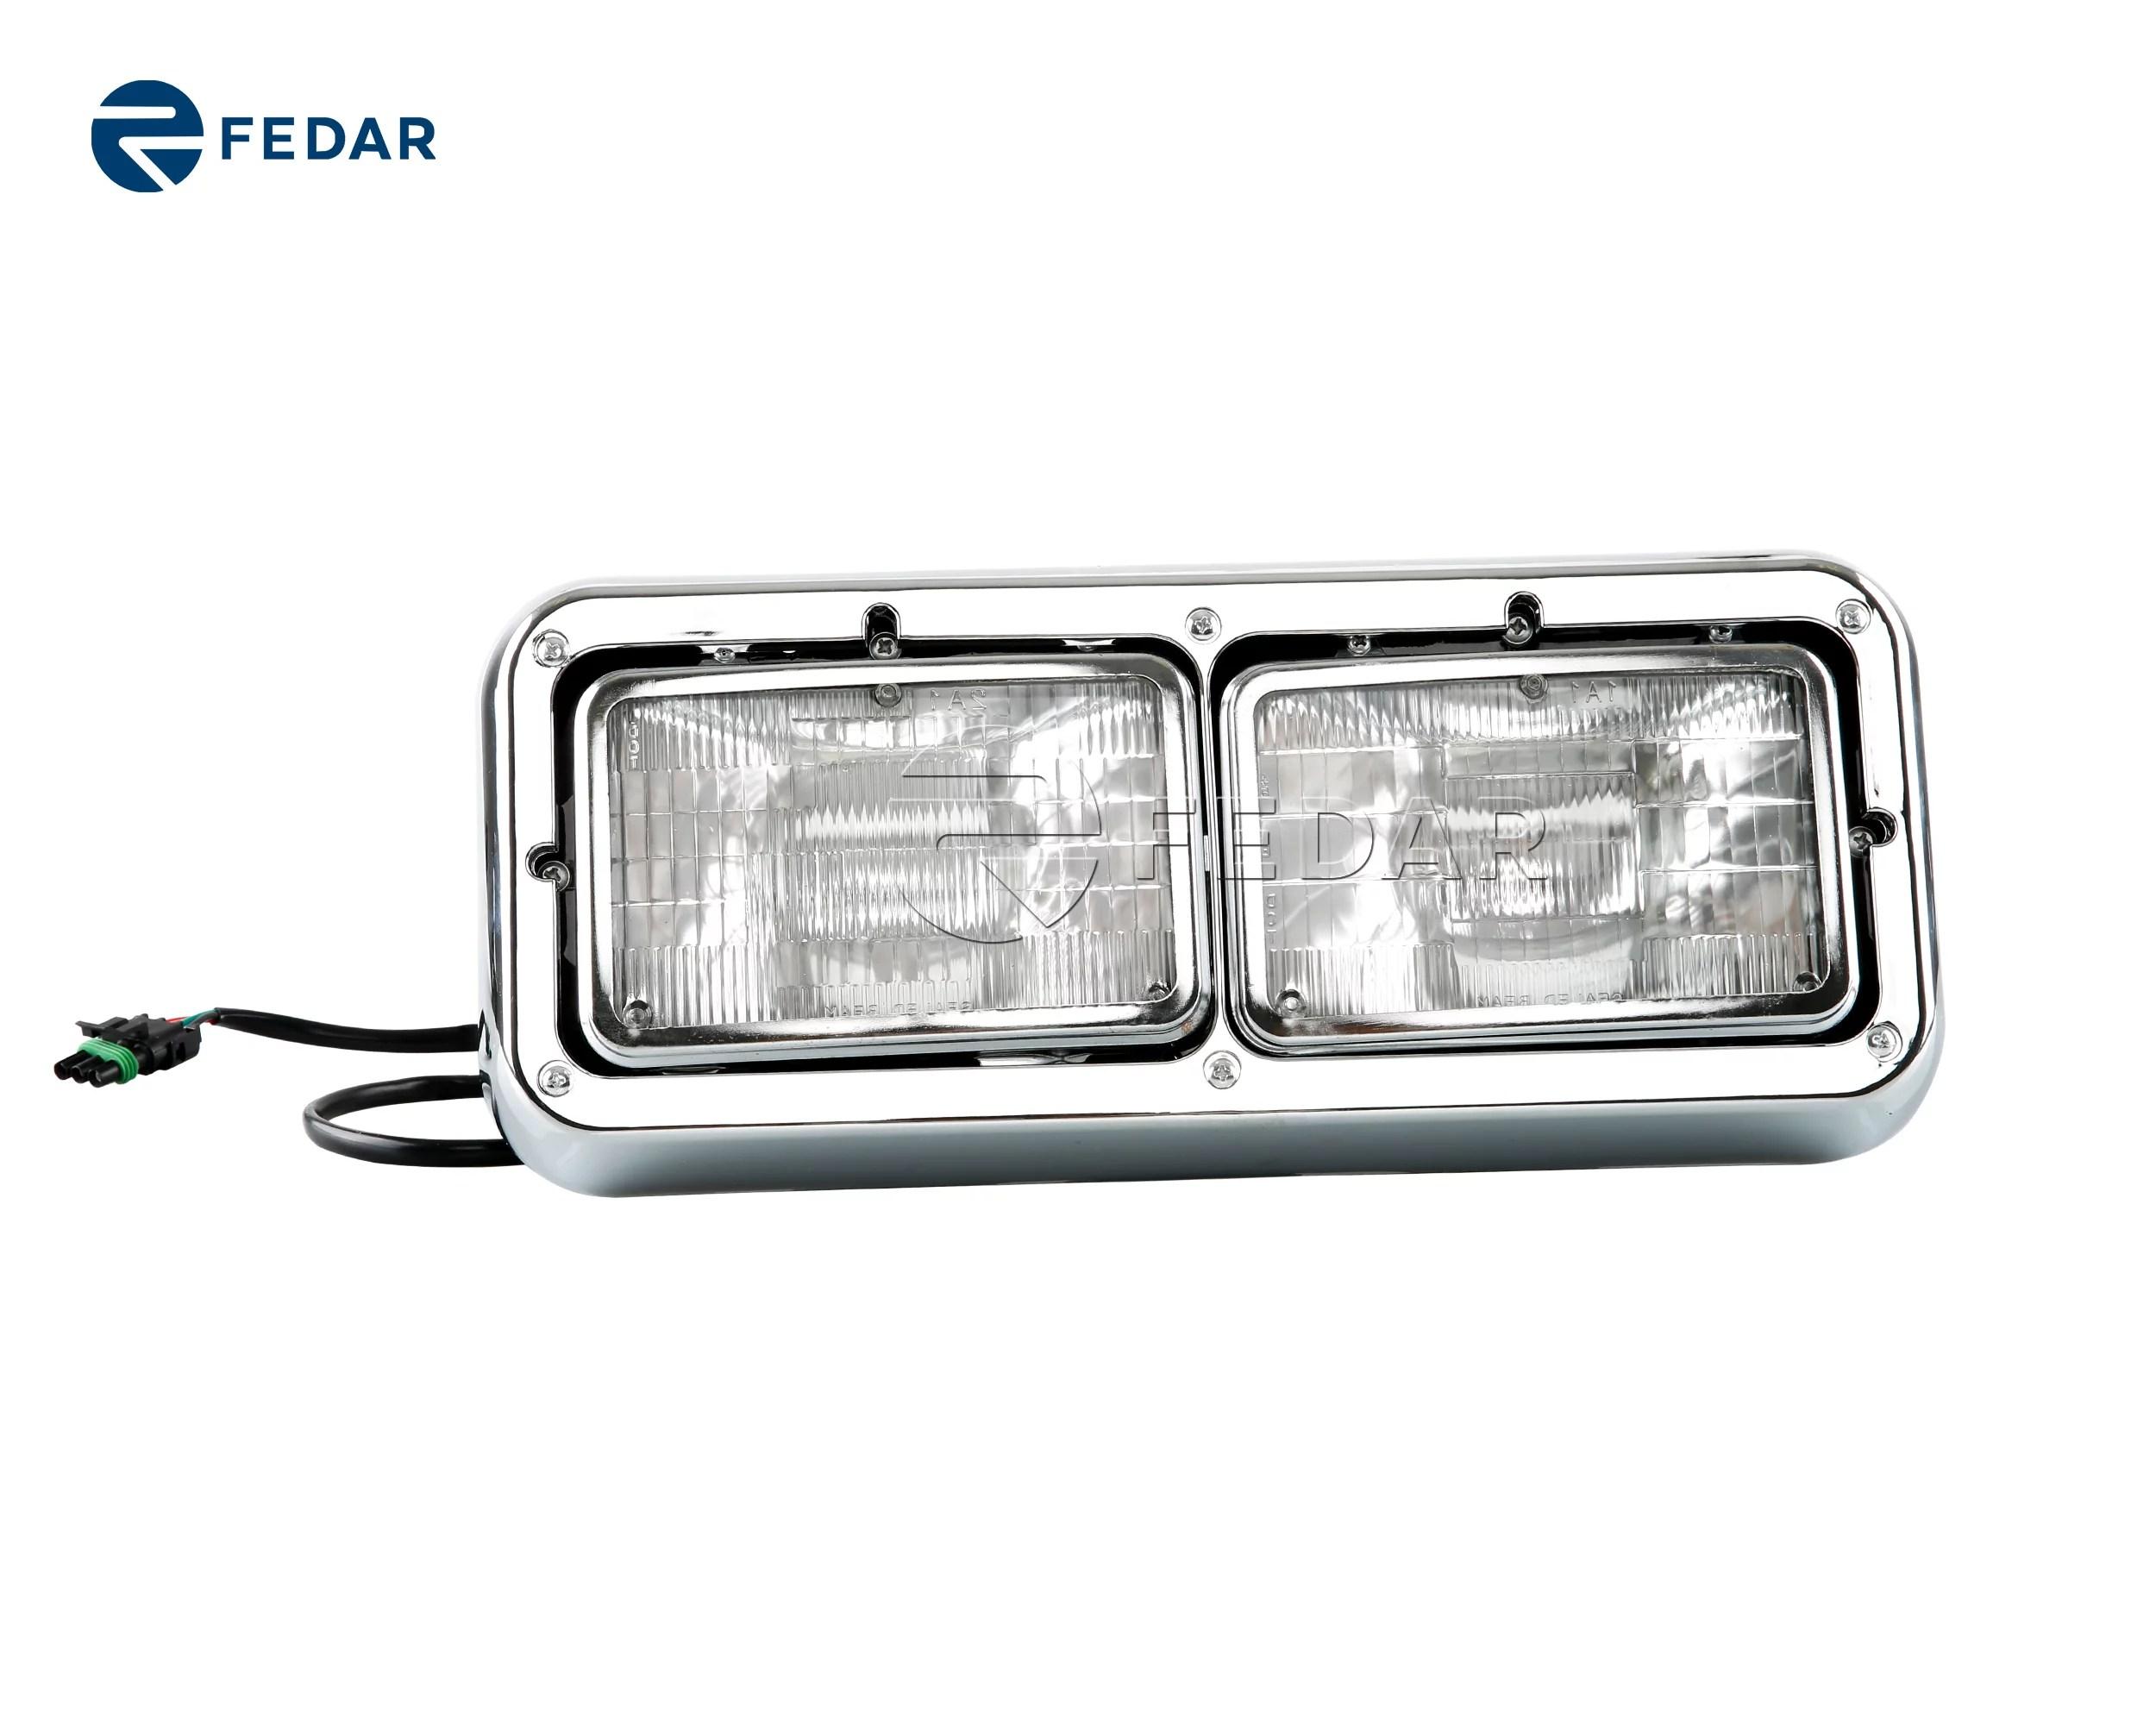 Fedar Headlight For Kenworth T400 T600 T800 Peterbilt